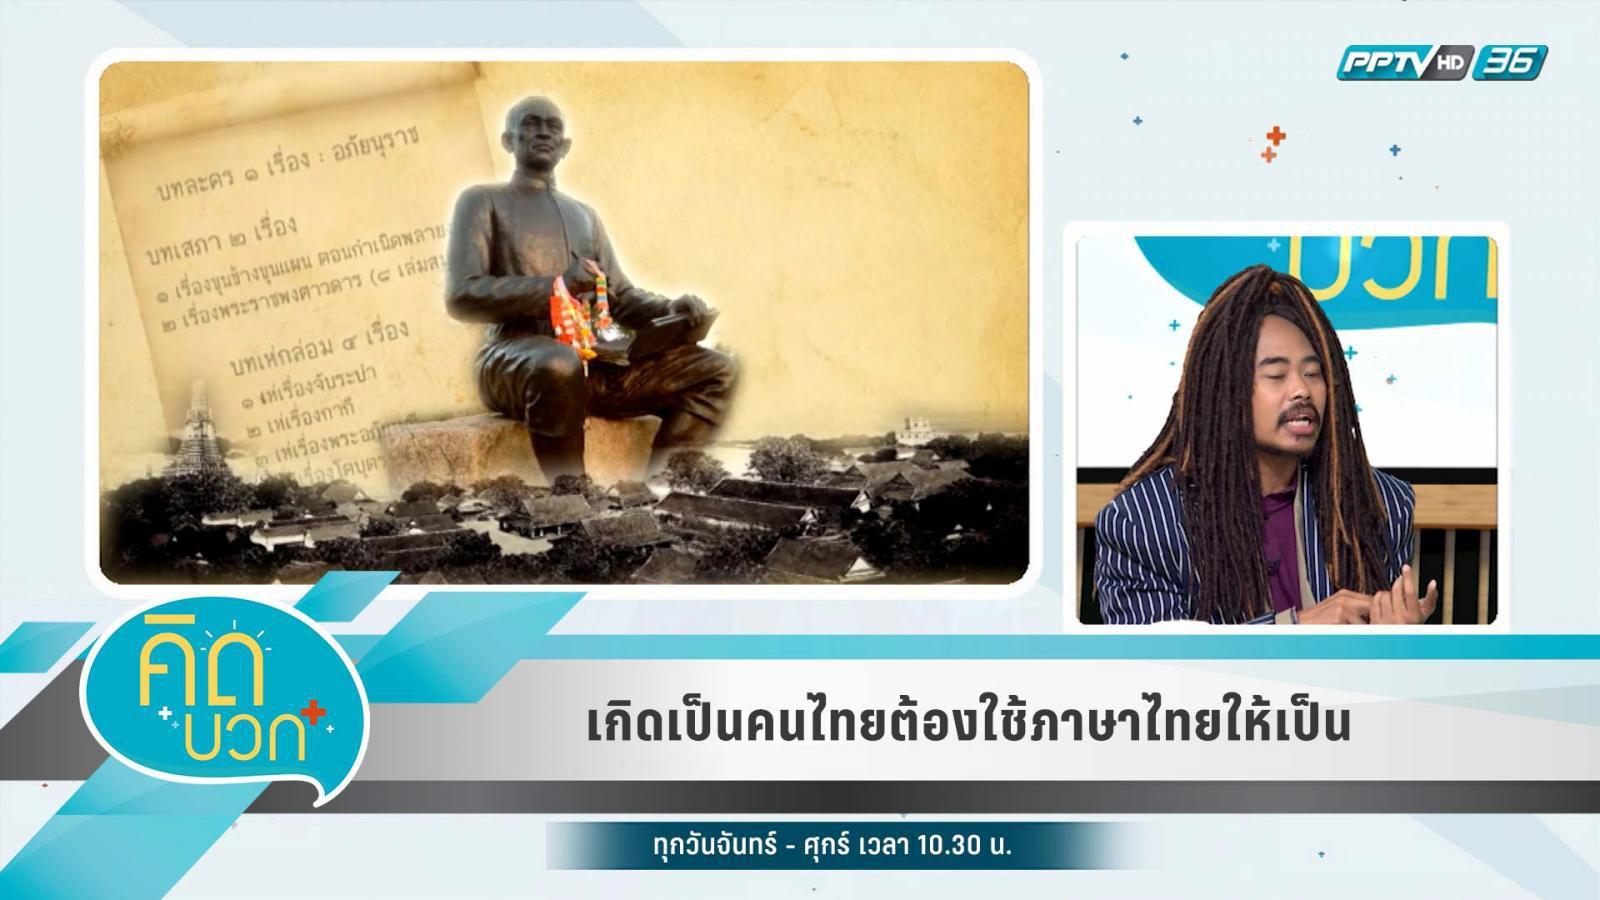 เกิดเป็นคนไทยต้องใช้ภาษาไทยให้เป็น